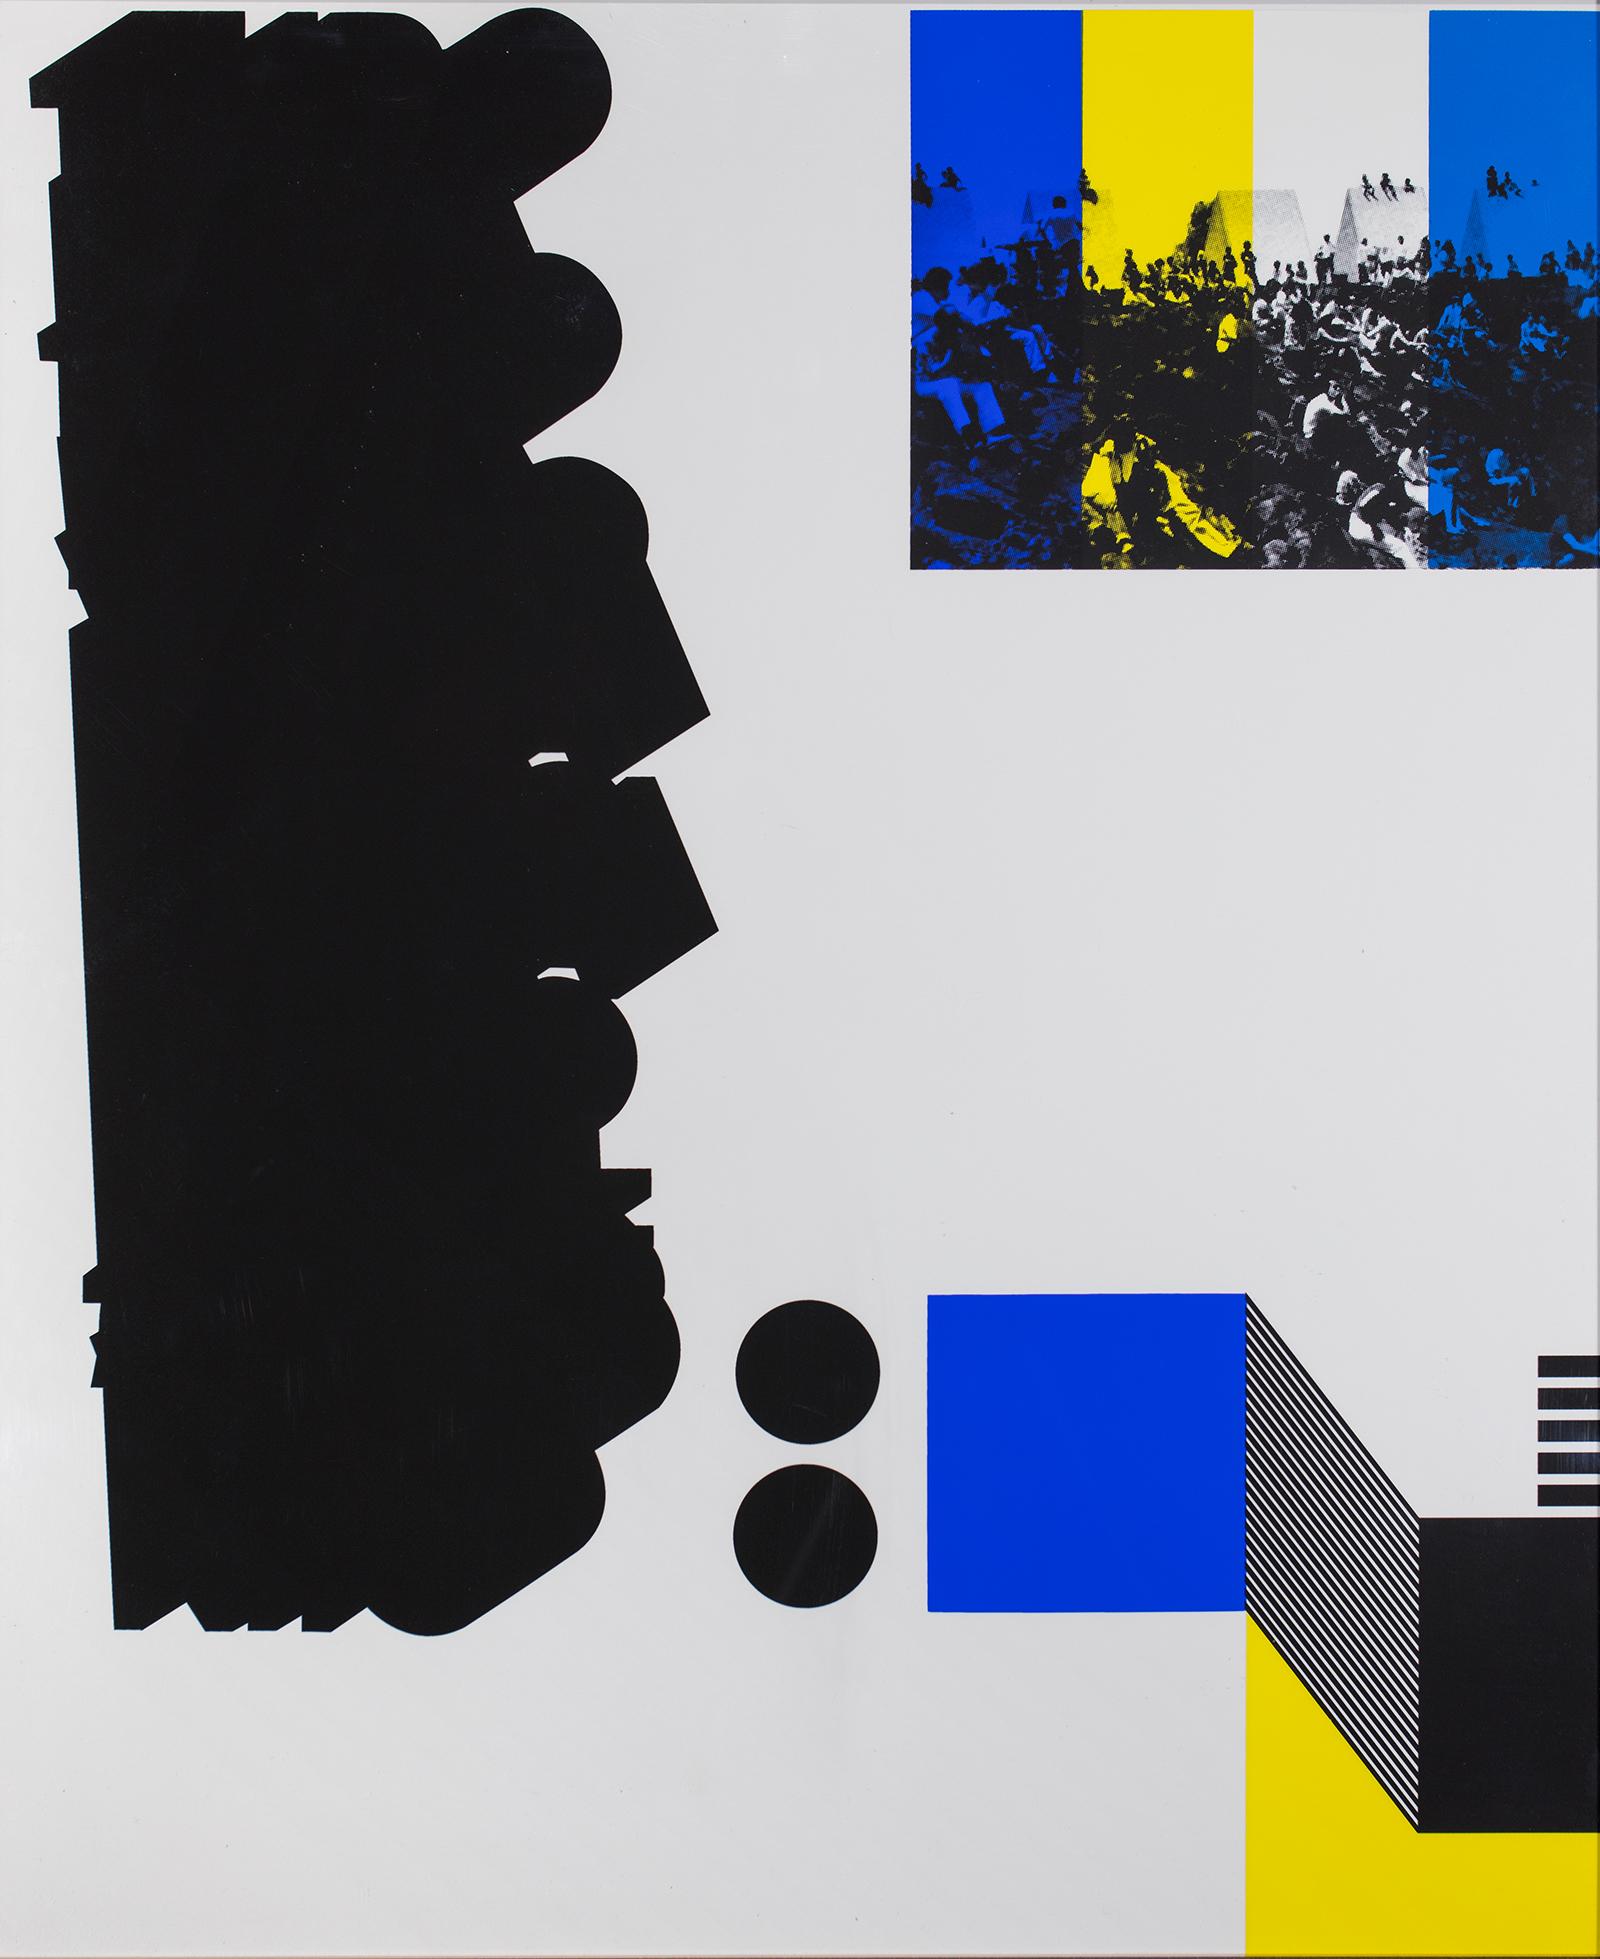 José León Cerrillo, Untitled, 2008